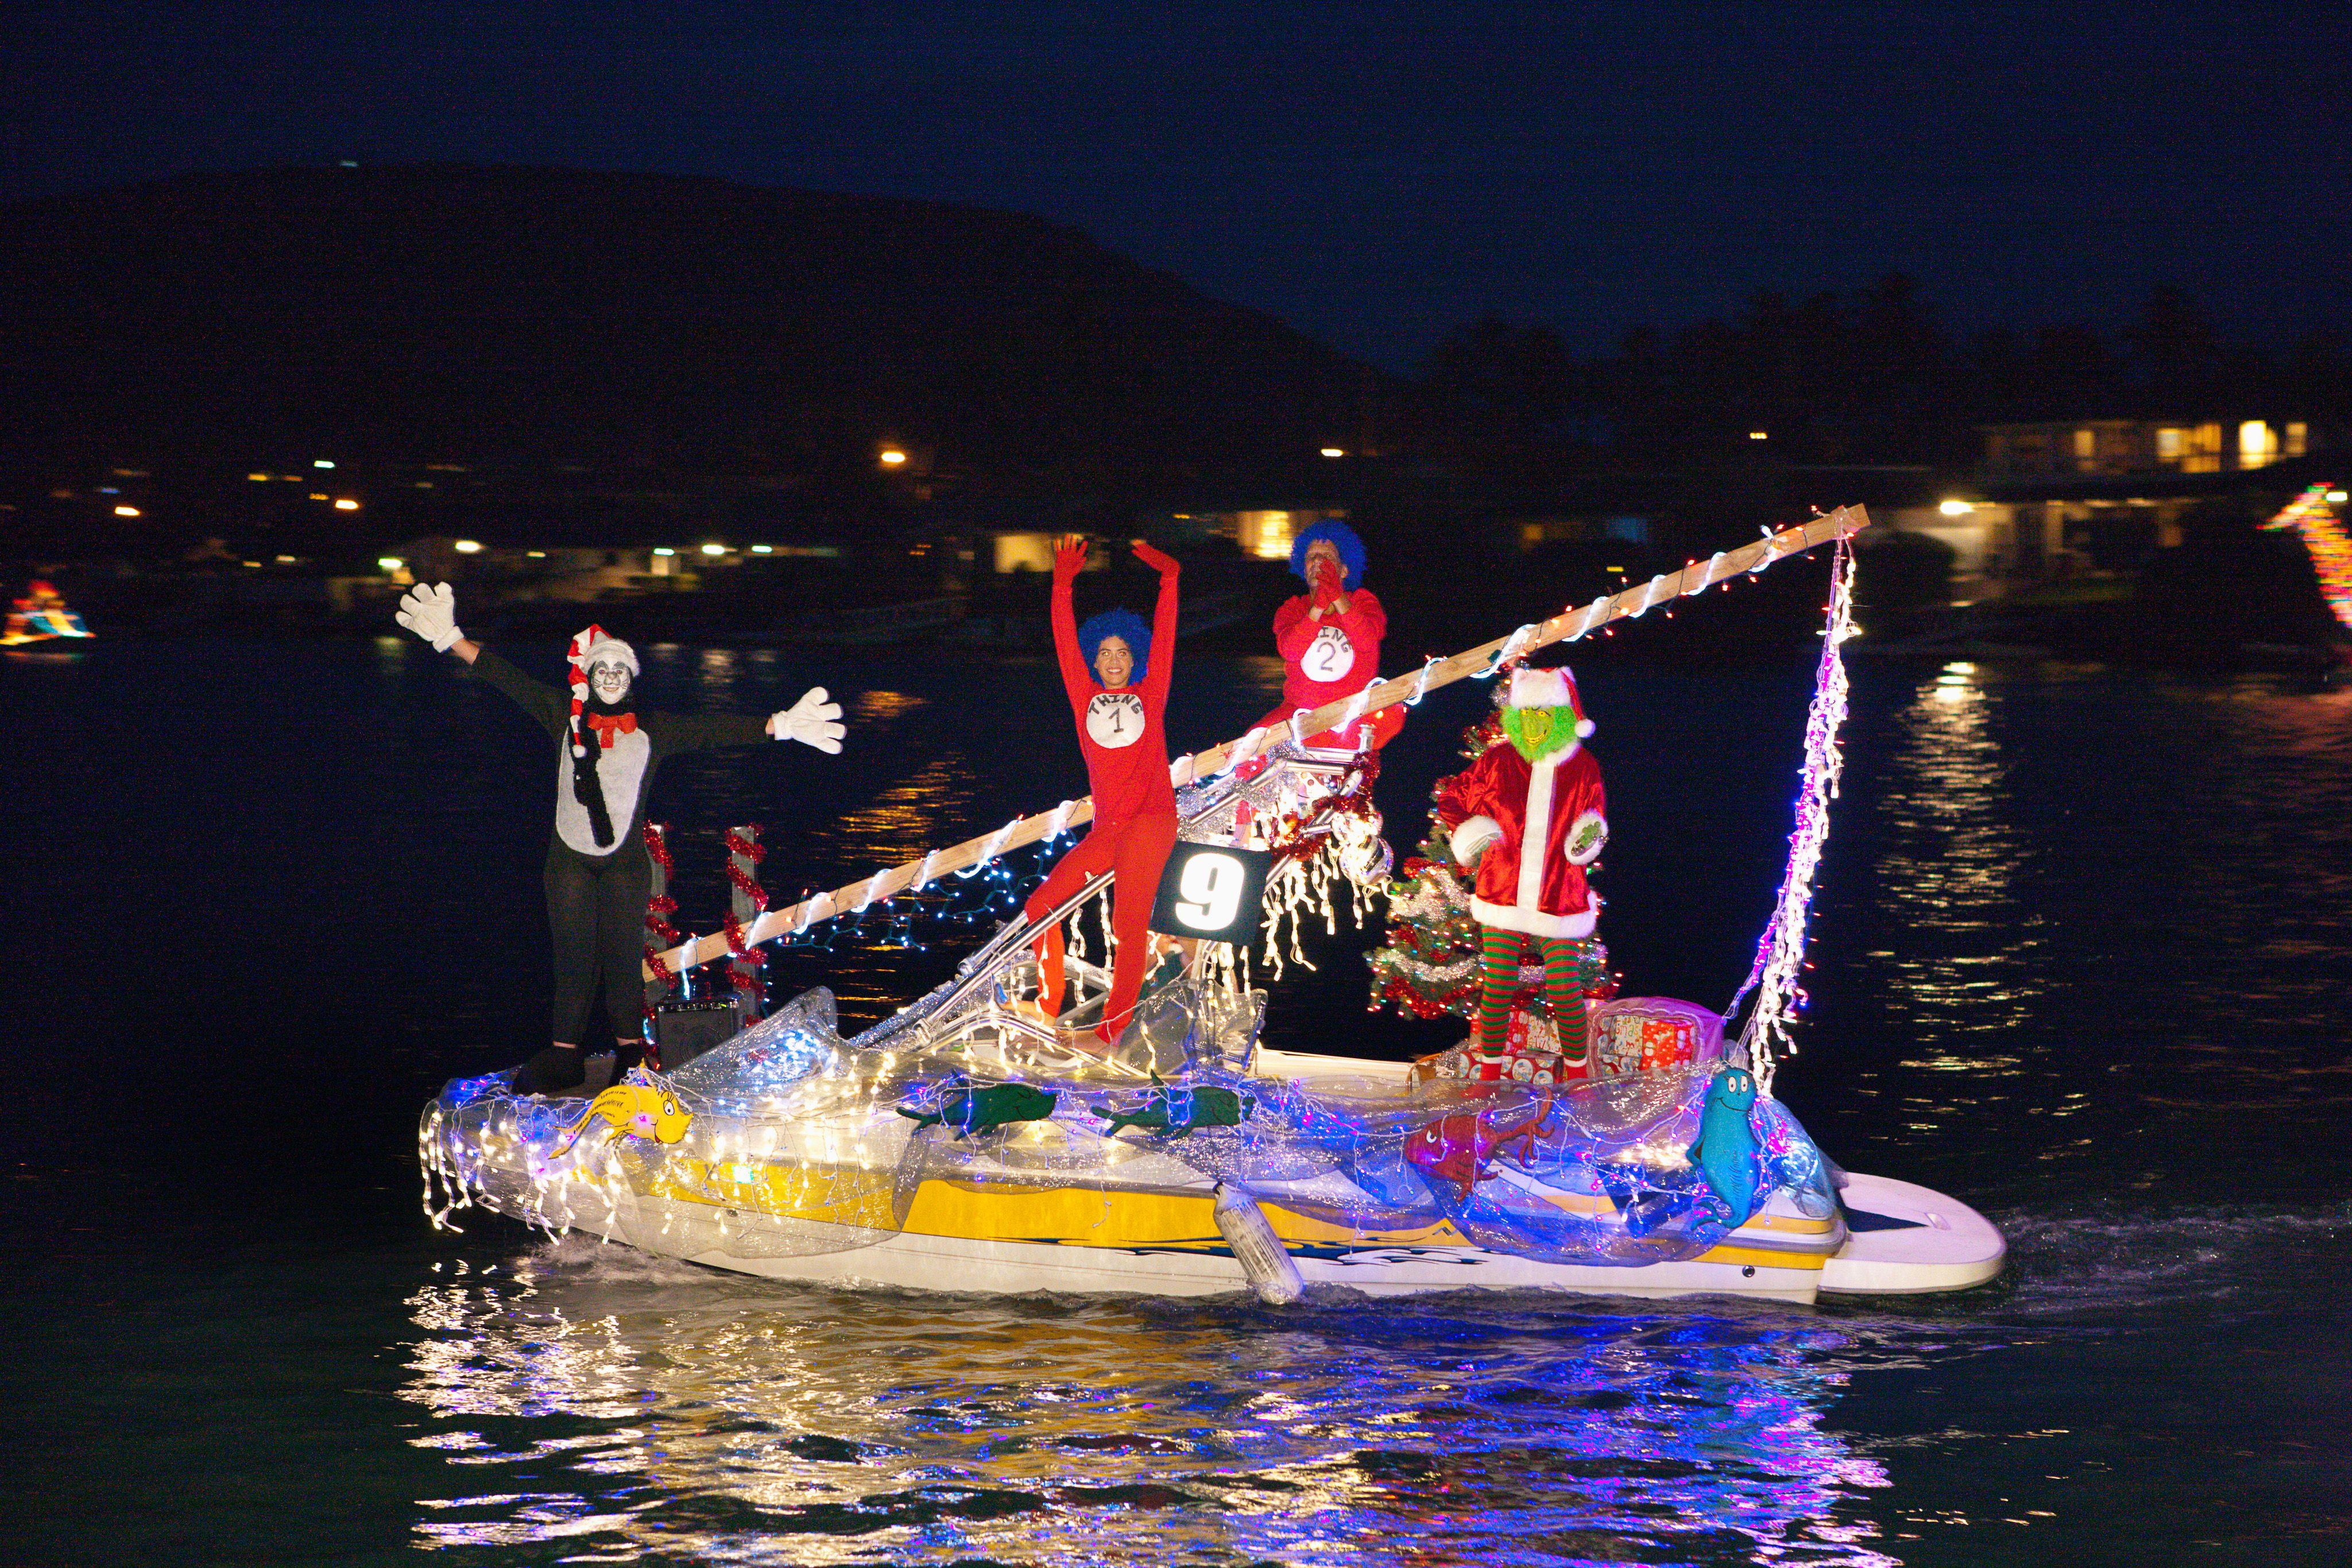 Festival of Light Boat Parade